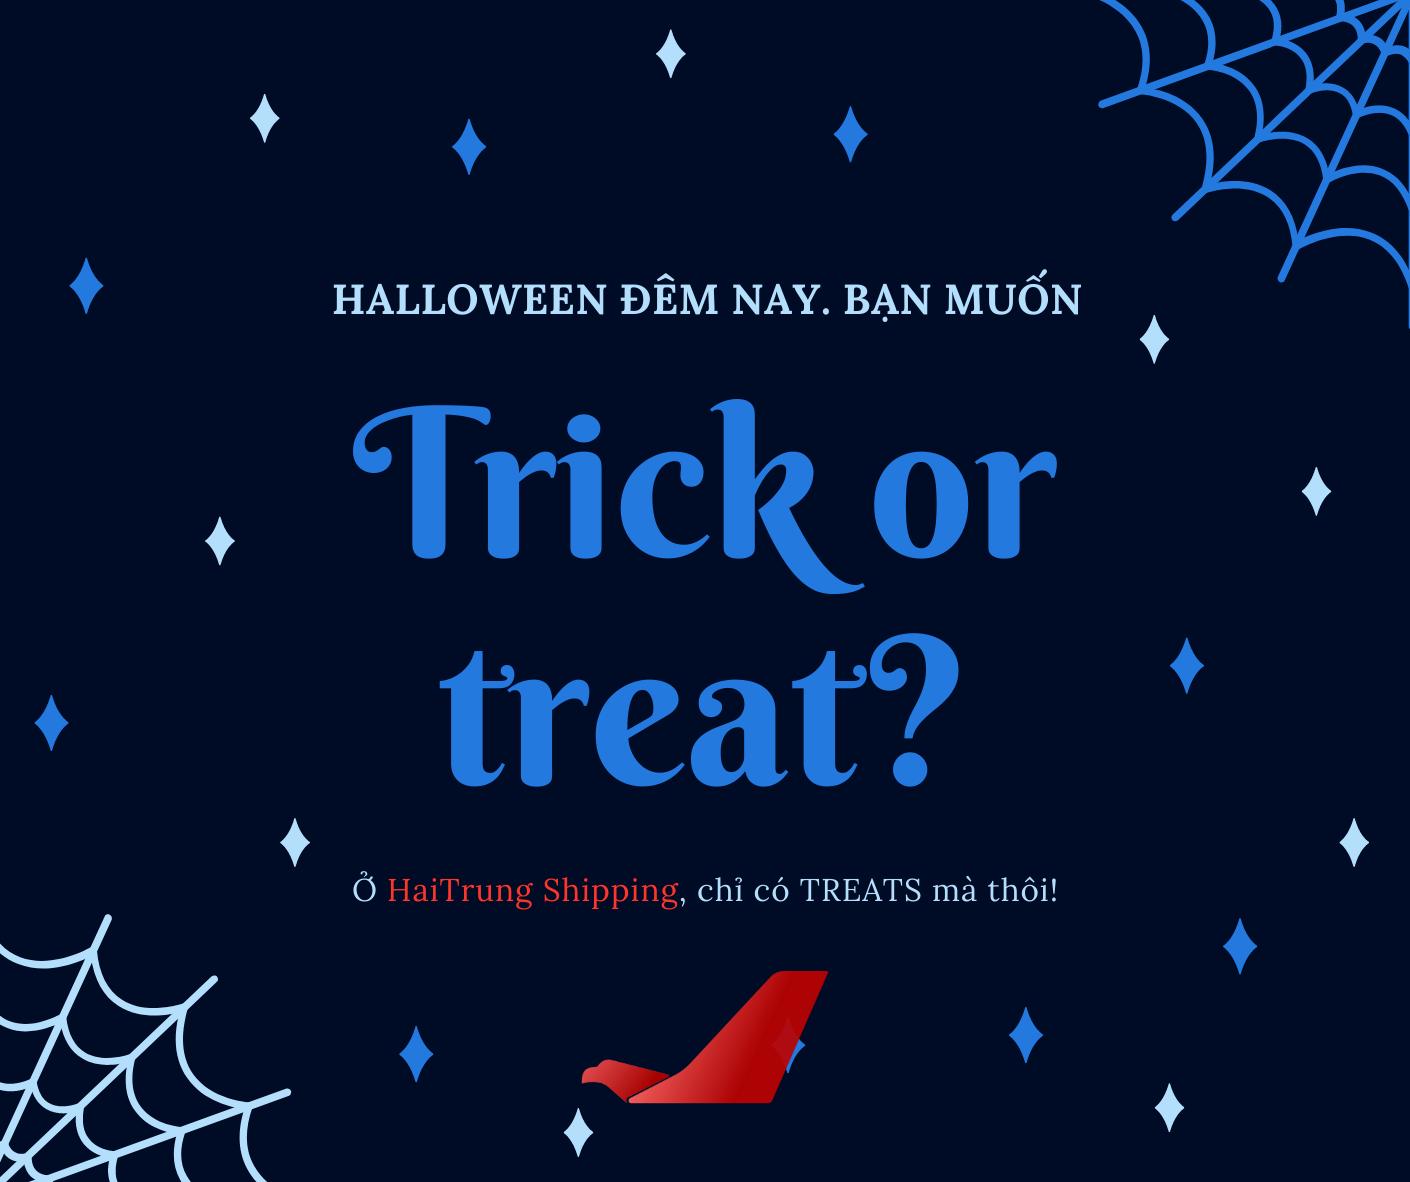 Halloween ngọt ngào cùng Haitrung shipping